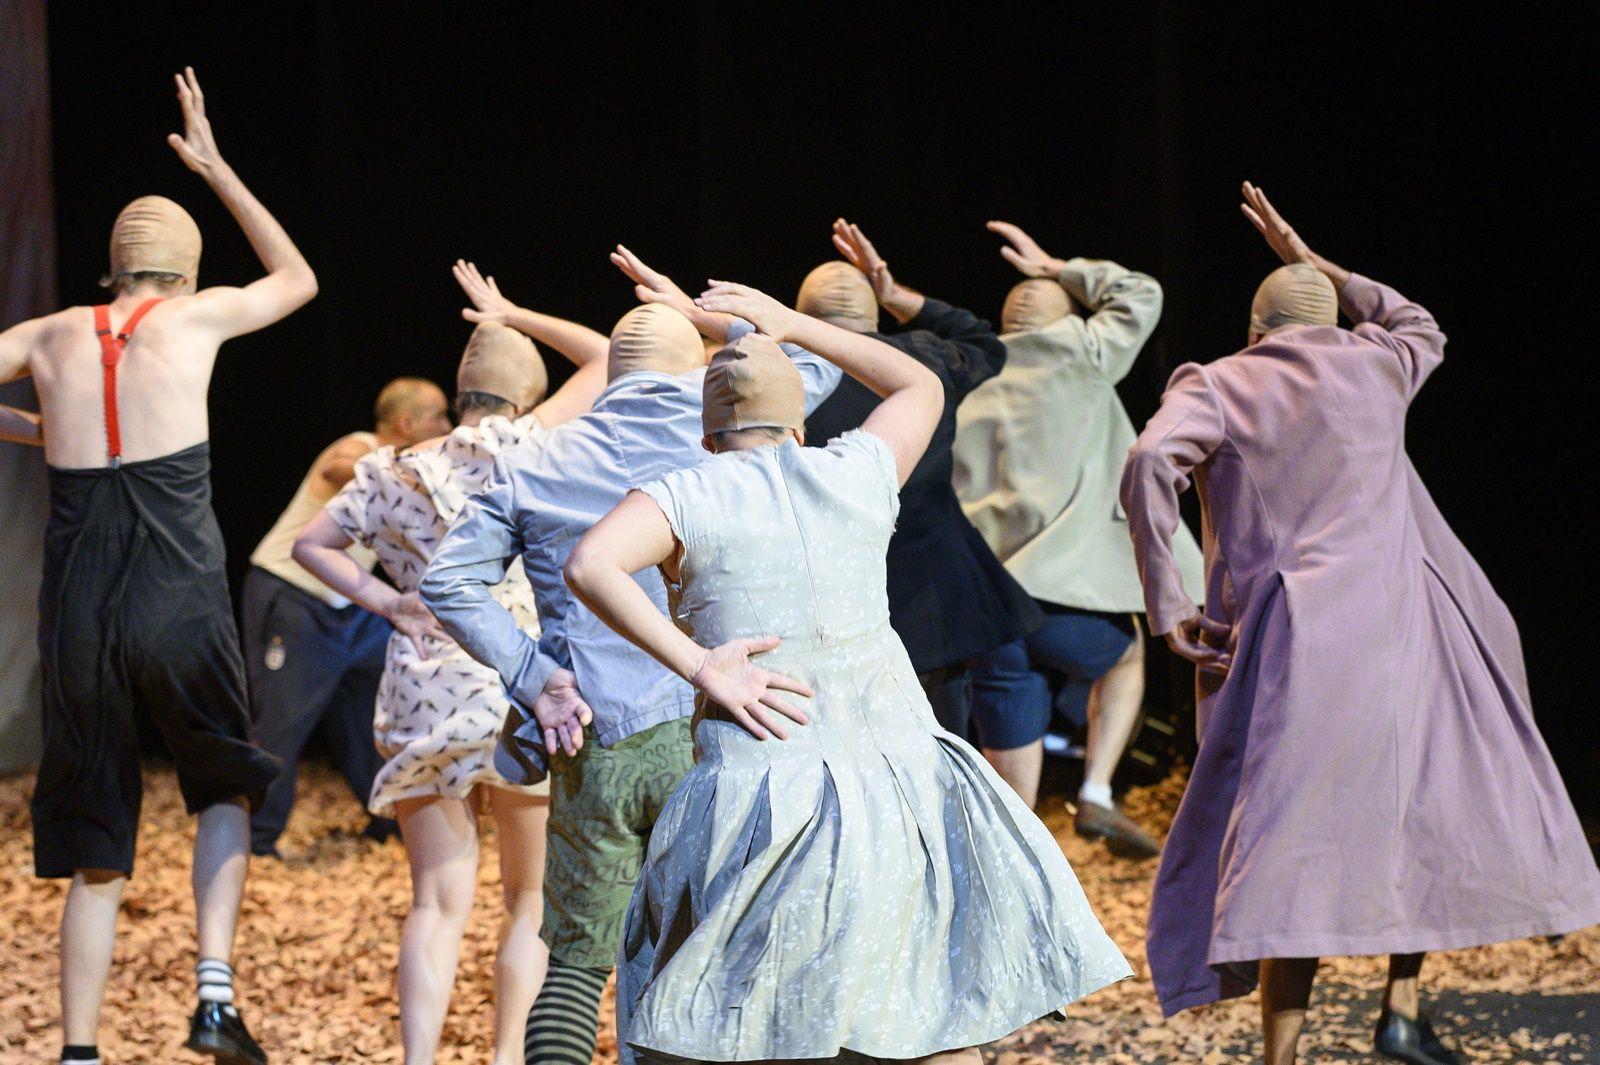 El Teatro Alhambra presenta la obra 'Las aves', de Aristófanes bajo dirección de Juan Dolores Caballero